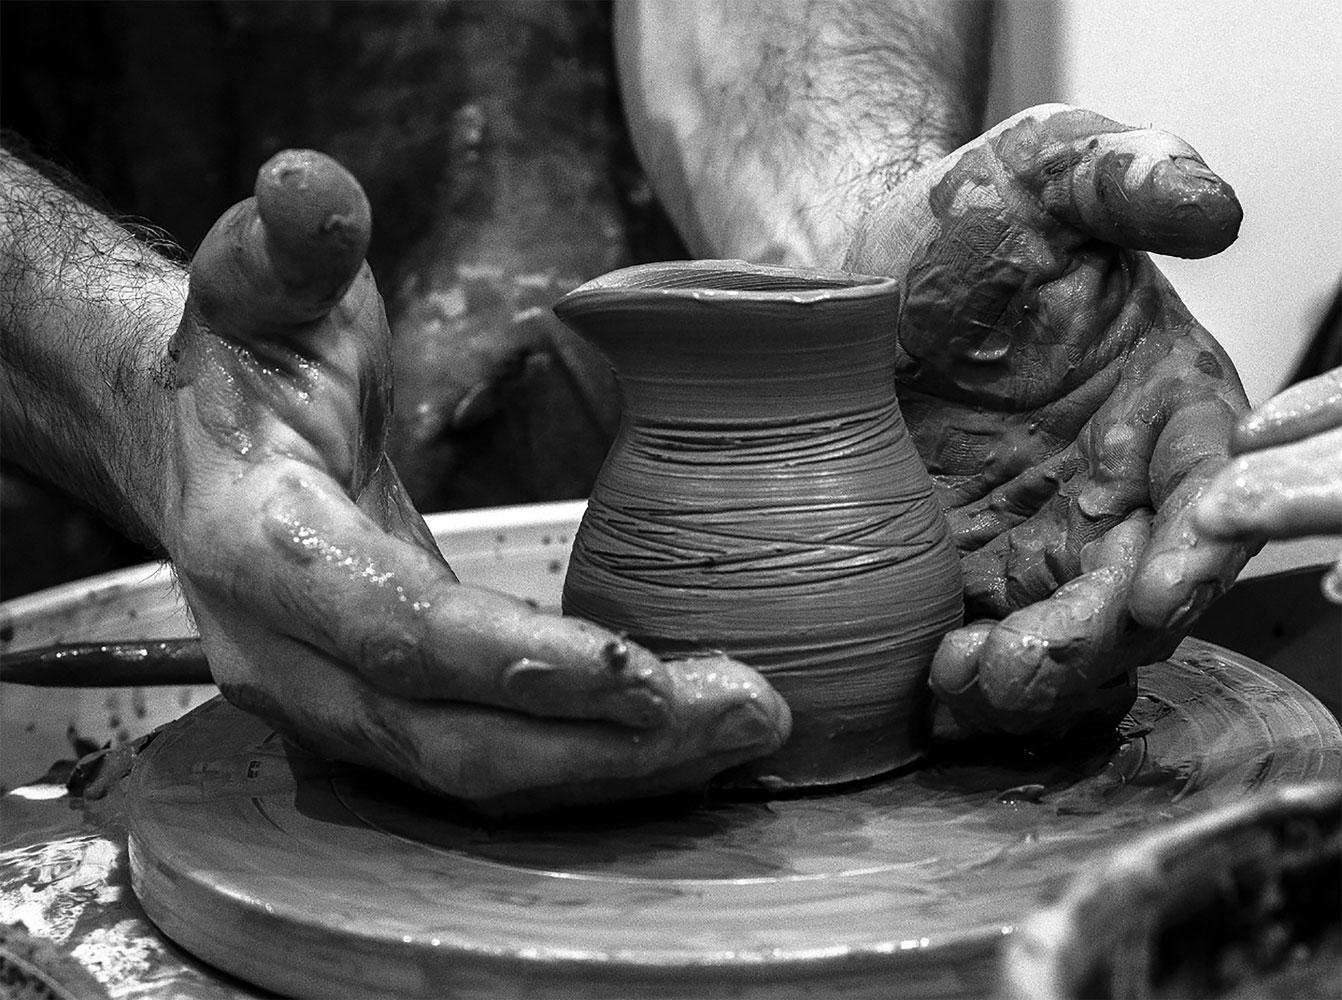 Из серии «Руки мастера», © Юрий Чернов (Пермь), 1 место, Фотоконкурс «Русская цивилизация»